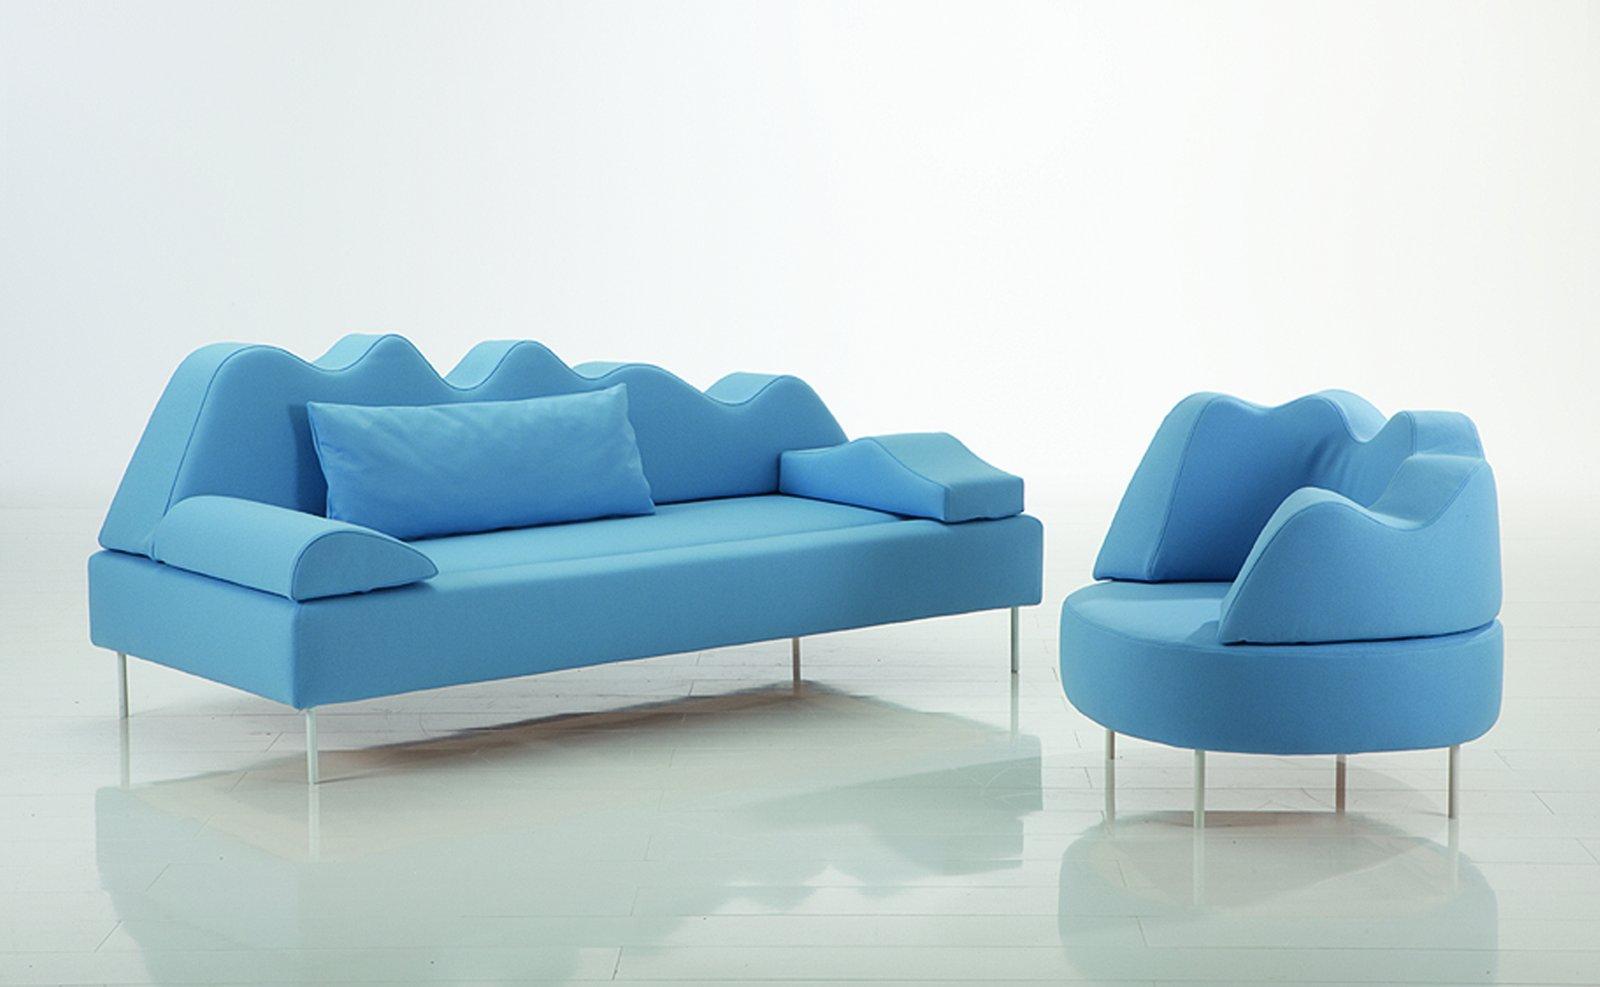 roomeon blog br hl wandelbares luxus m bel design. Black Bedroom Furniture Sets. Home Design Ideas